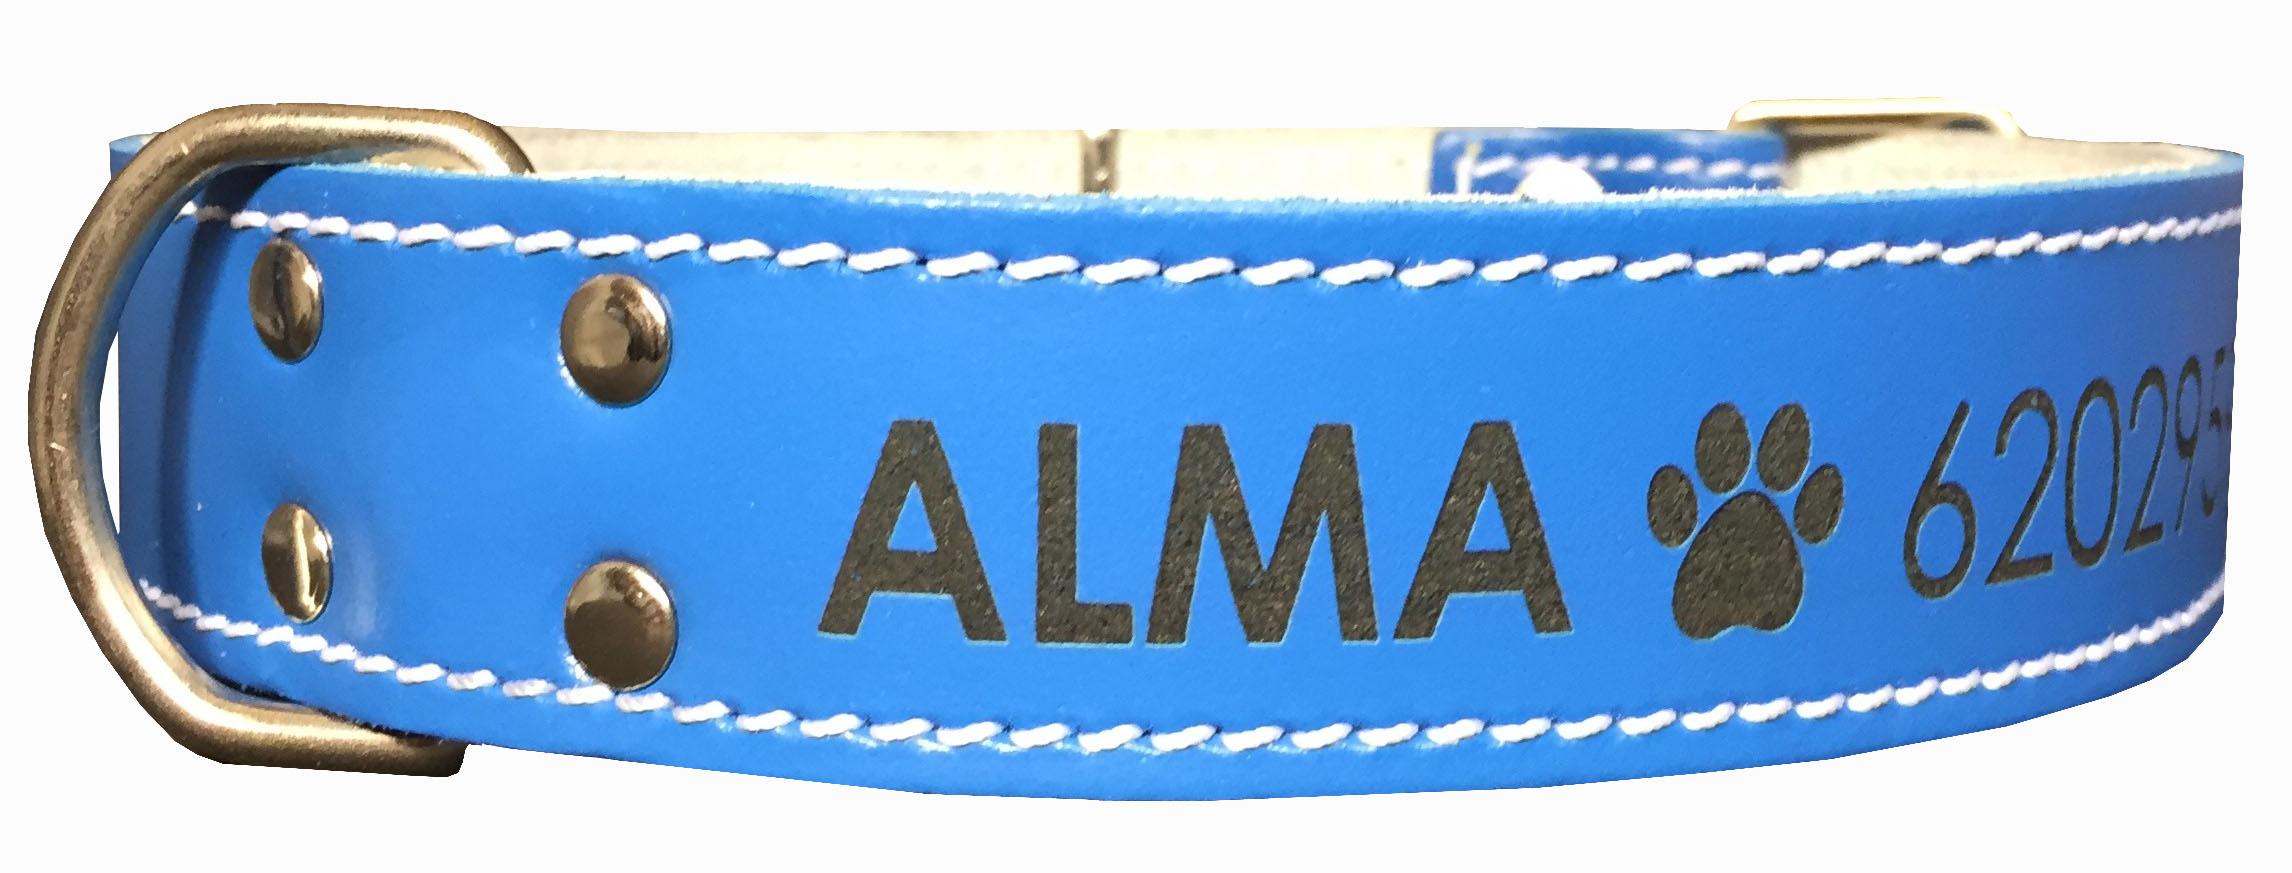 Collar para perro de Piel Doble Capa Azul  - personalizados con nombre y teléfono. (XL-XXL)